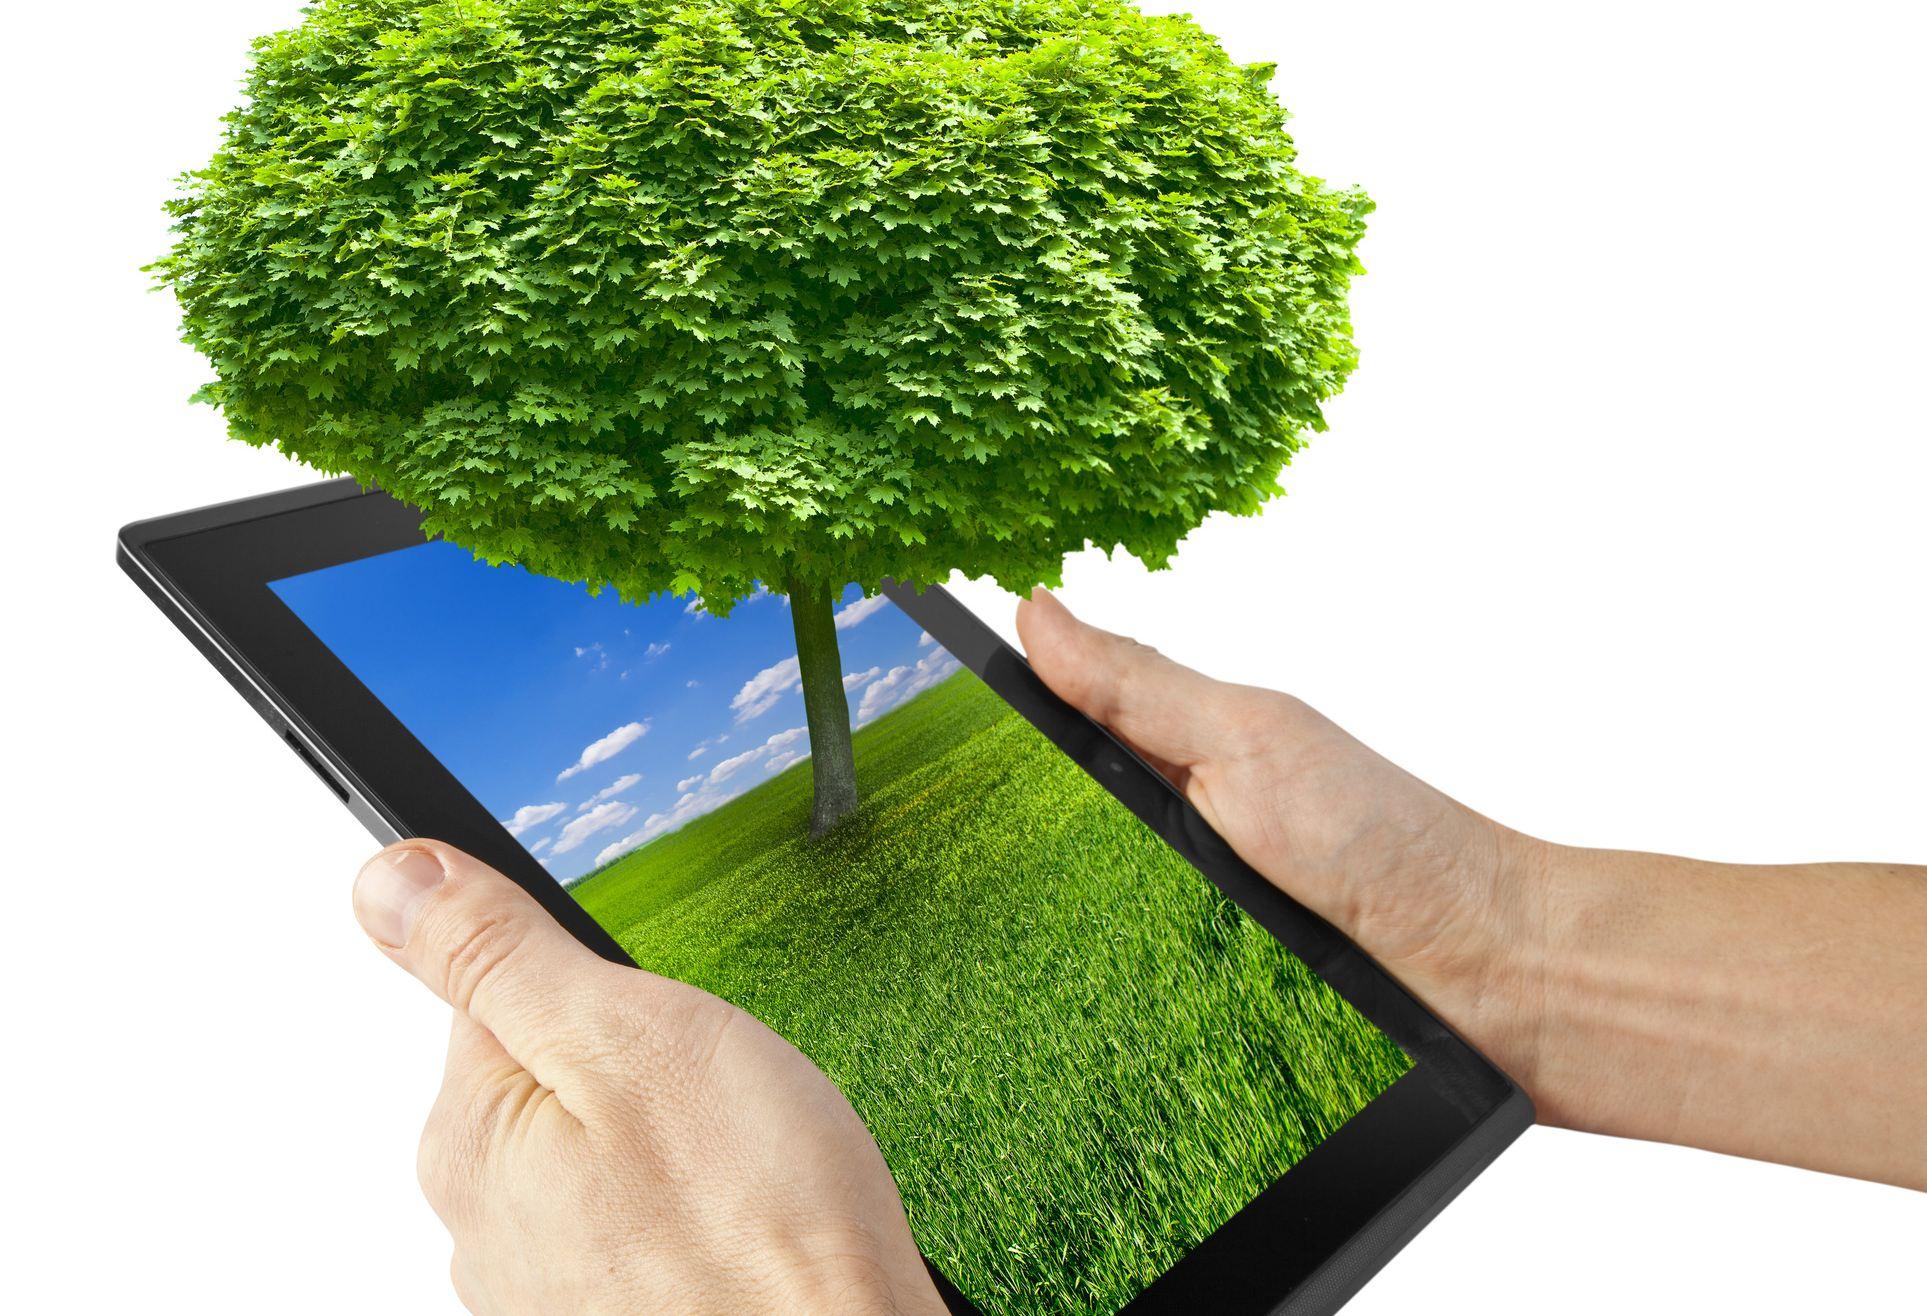 Le Green IT pour réduire les actes humains néfastes pour l'environnement